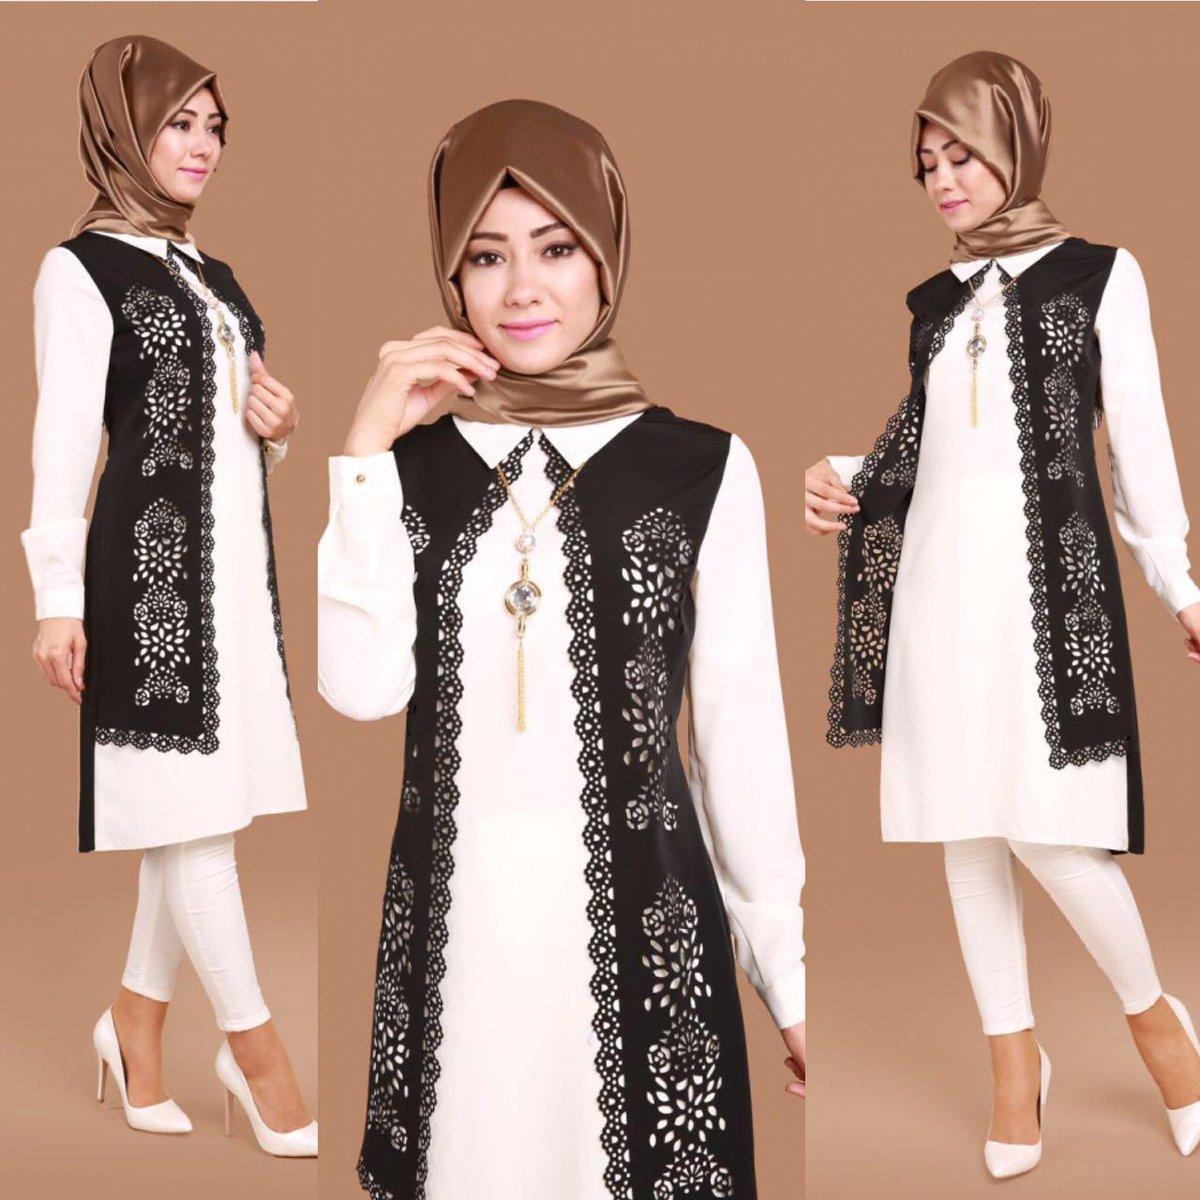 صورة واو أصبحت اجمل بعد ارتداء هذه الملابس ,ملابس نسائية 3239 3